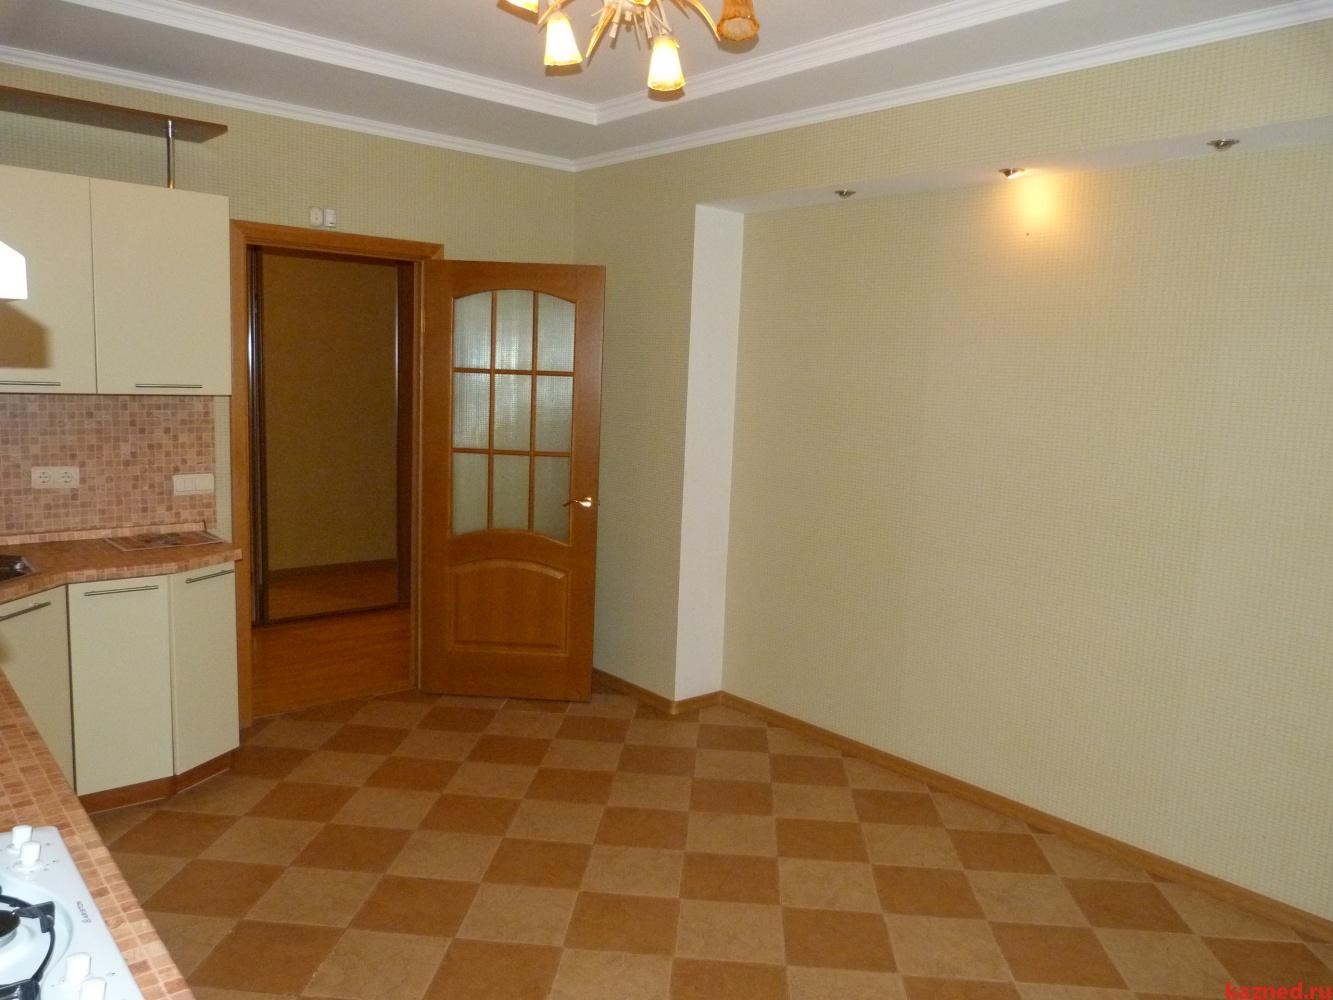 Продажа 2-к квартиры Дубравная 43а, 70 м² (миниатюра №3)